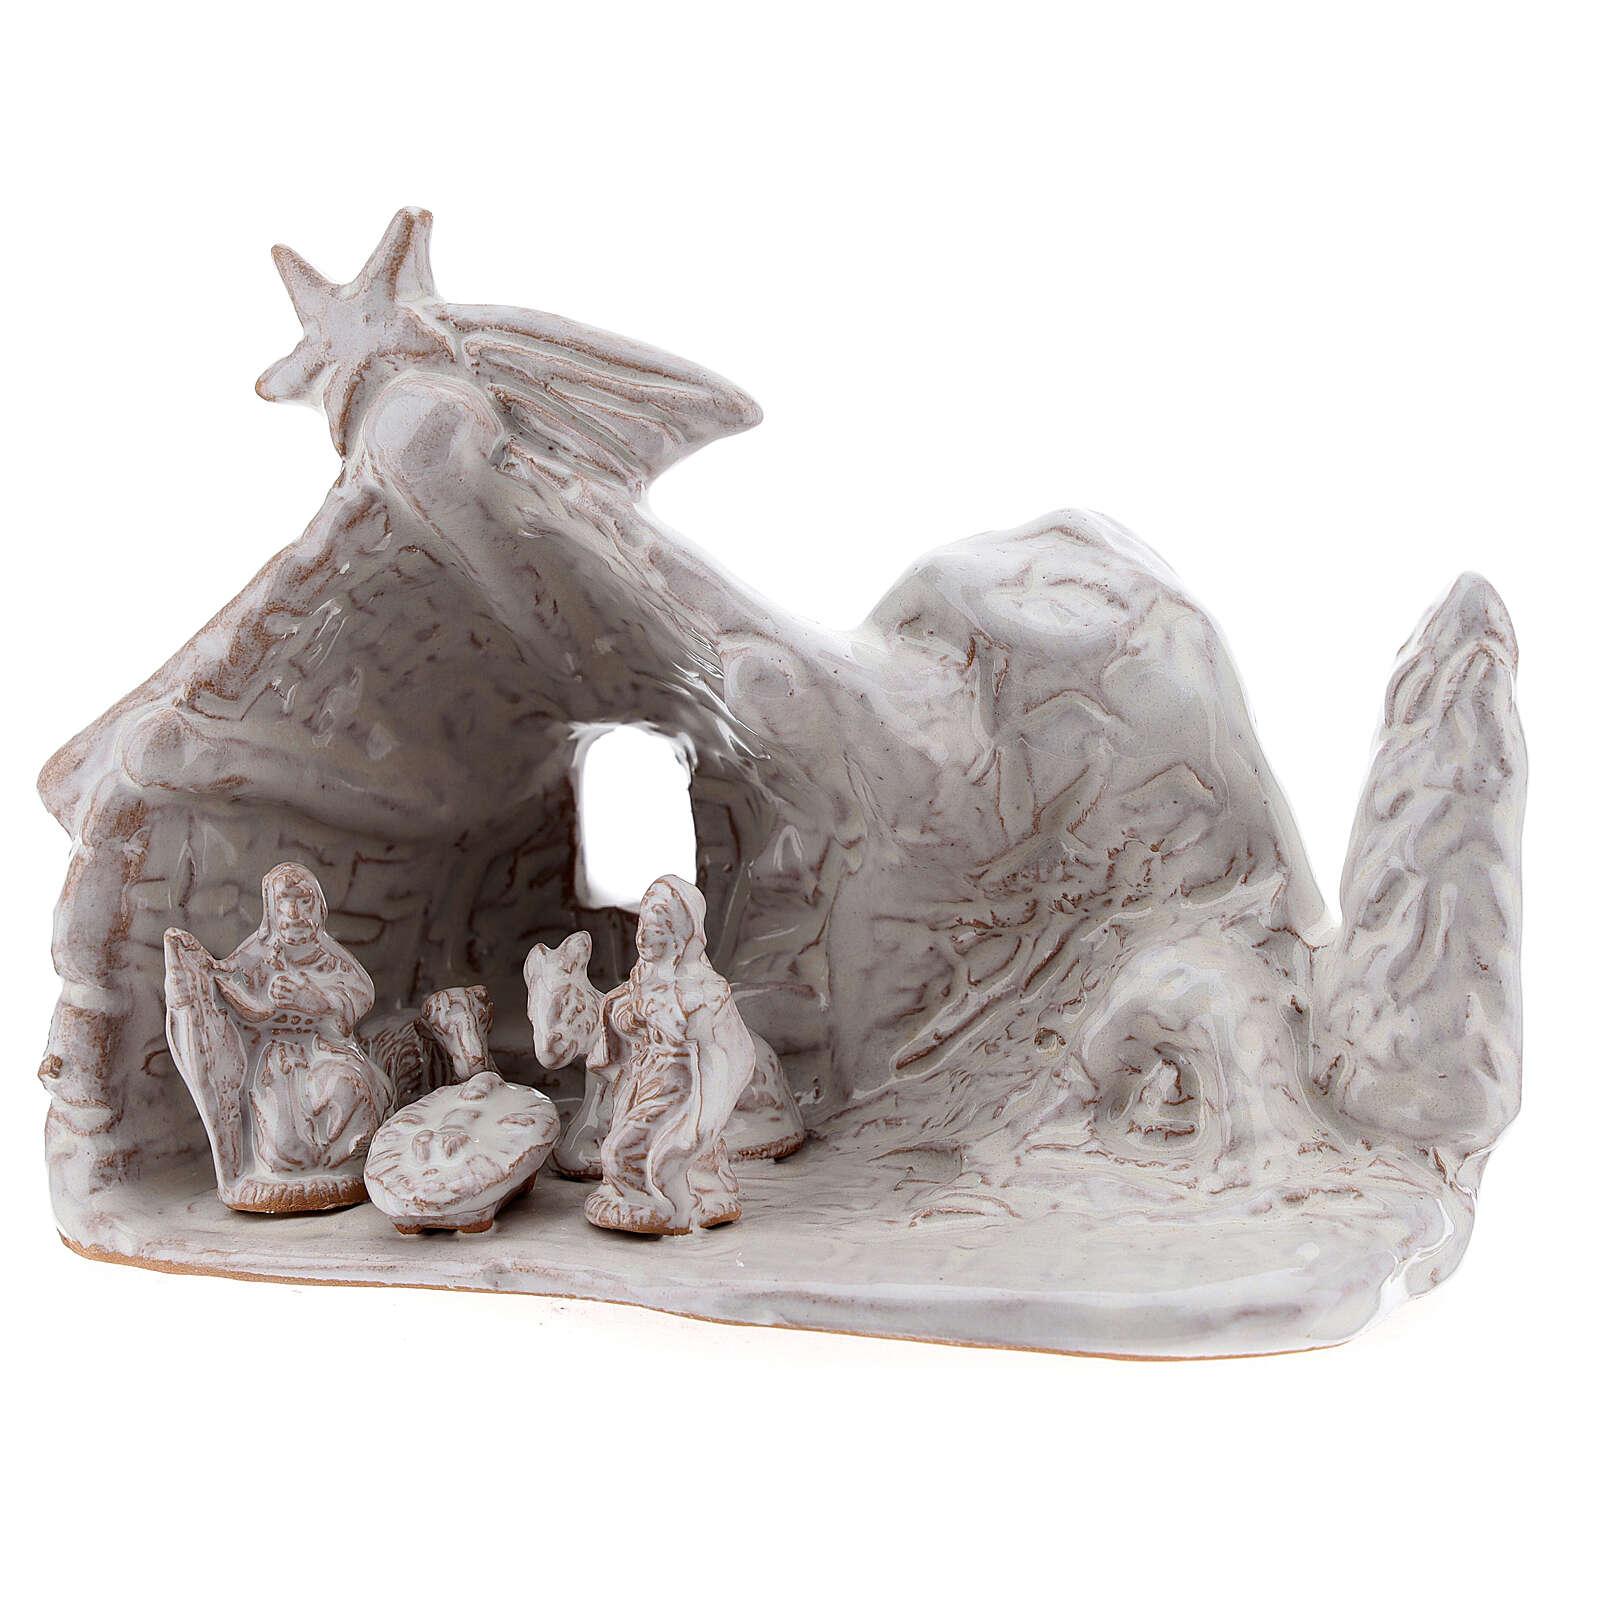 Small hut with tree in white Deruta terracotta 10 cm 4